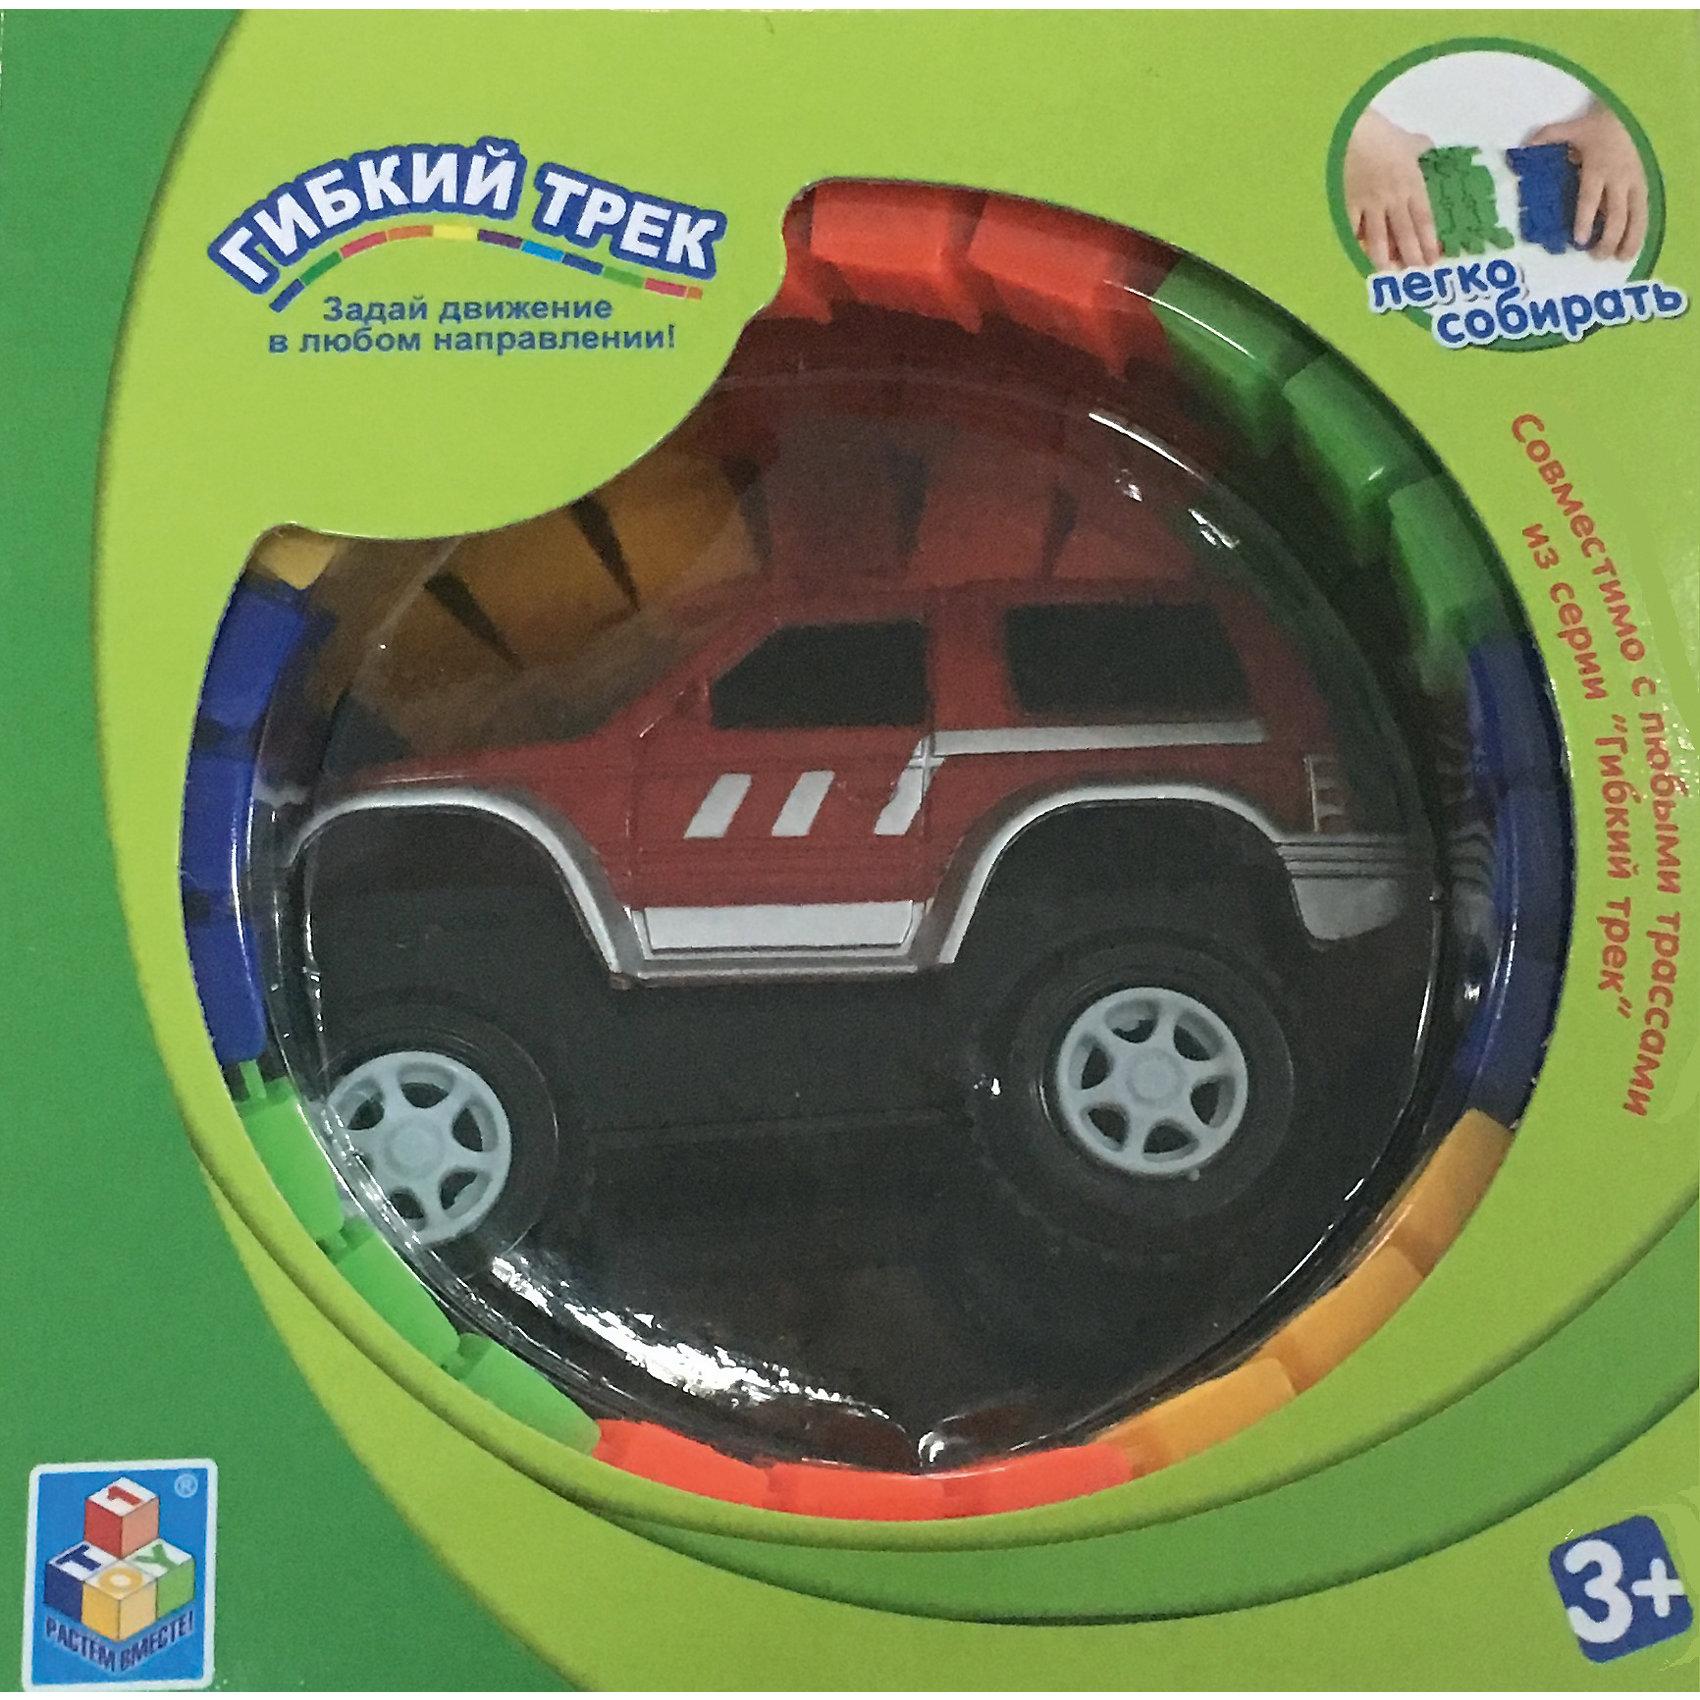 """Гибкий трек """"Большое путешествие"""" 25 деталей, 1 toy от myToys"""